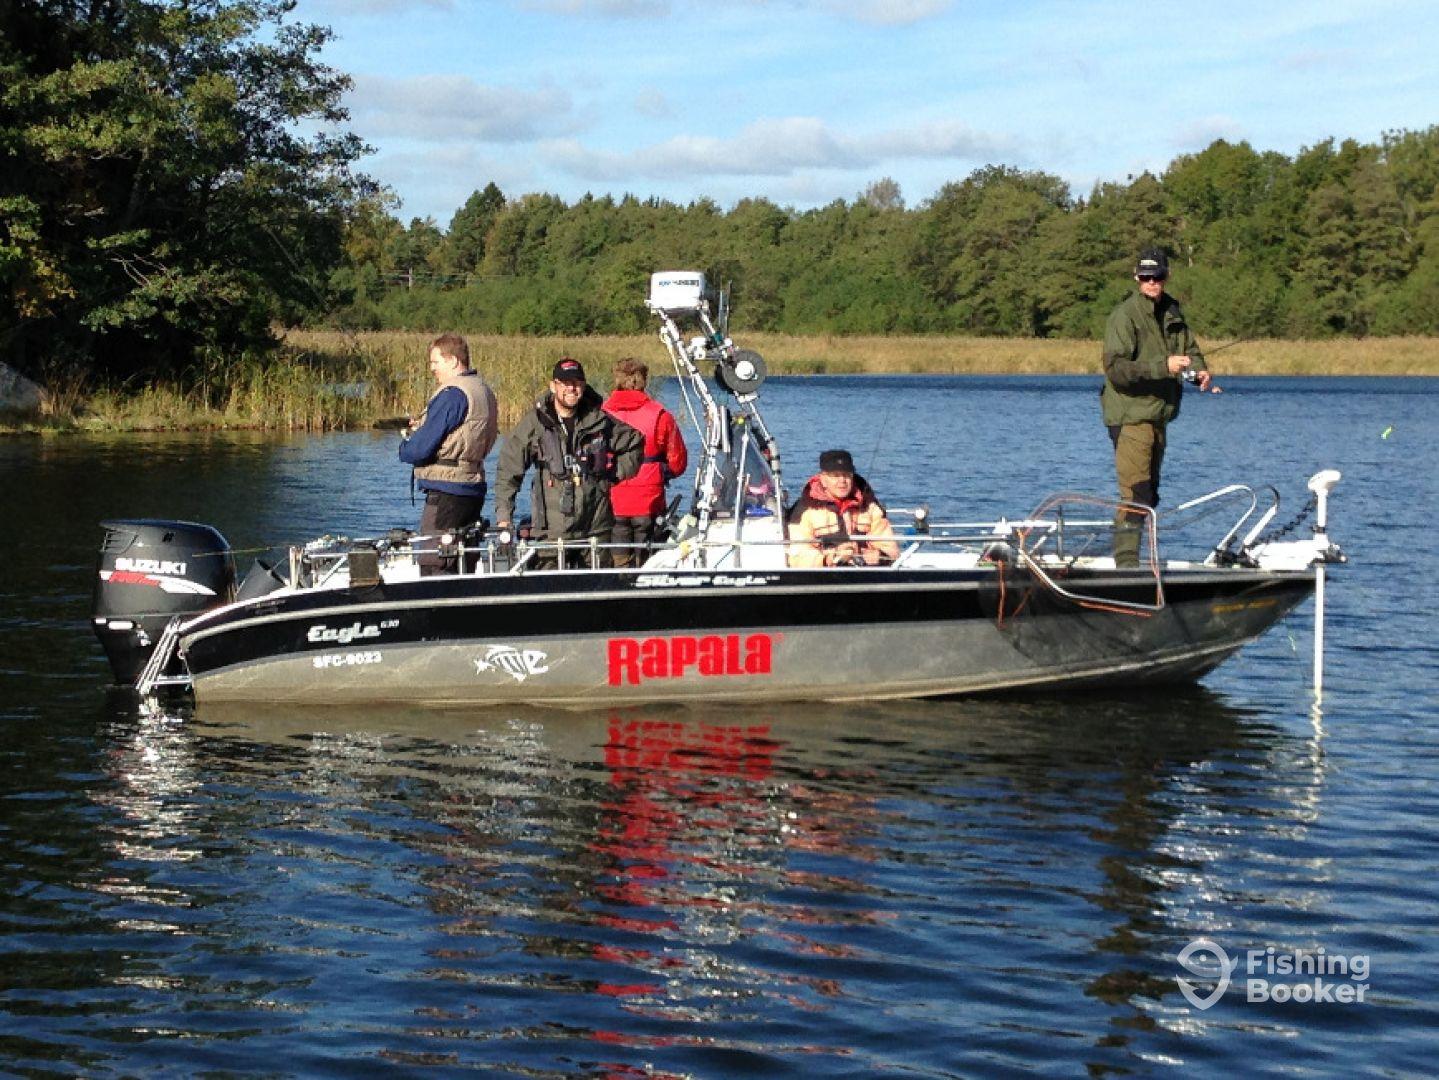 Swedish Fishguiding Tours